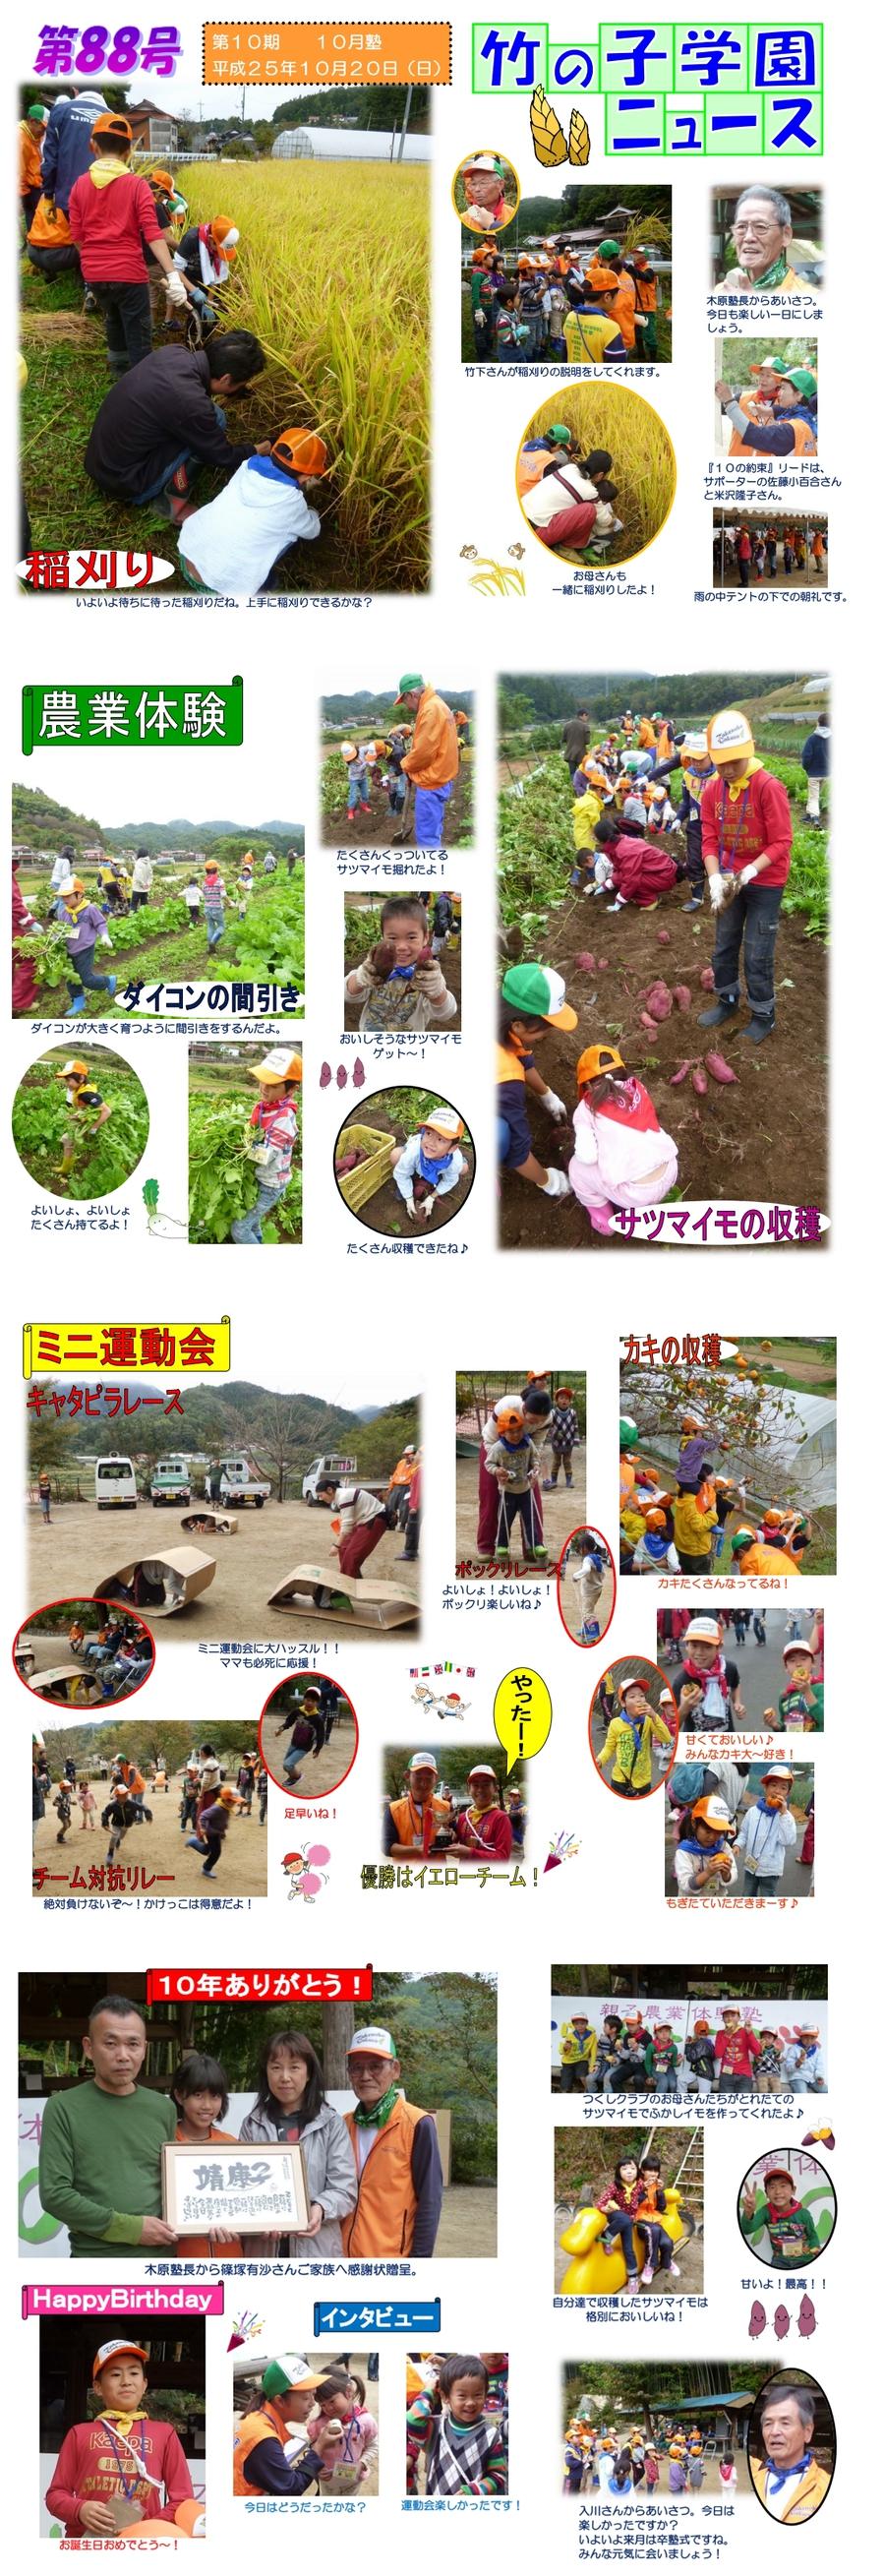 10竹の子学園10月塾-vert-thumb-900x2619-7898